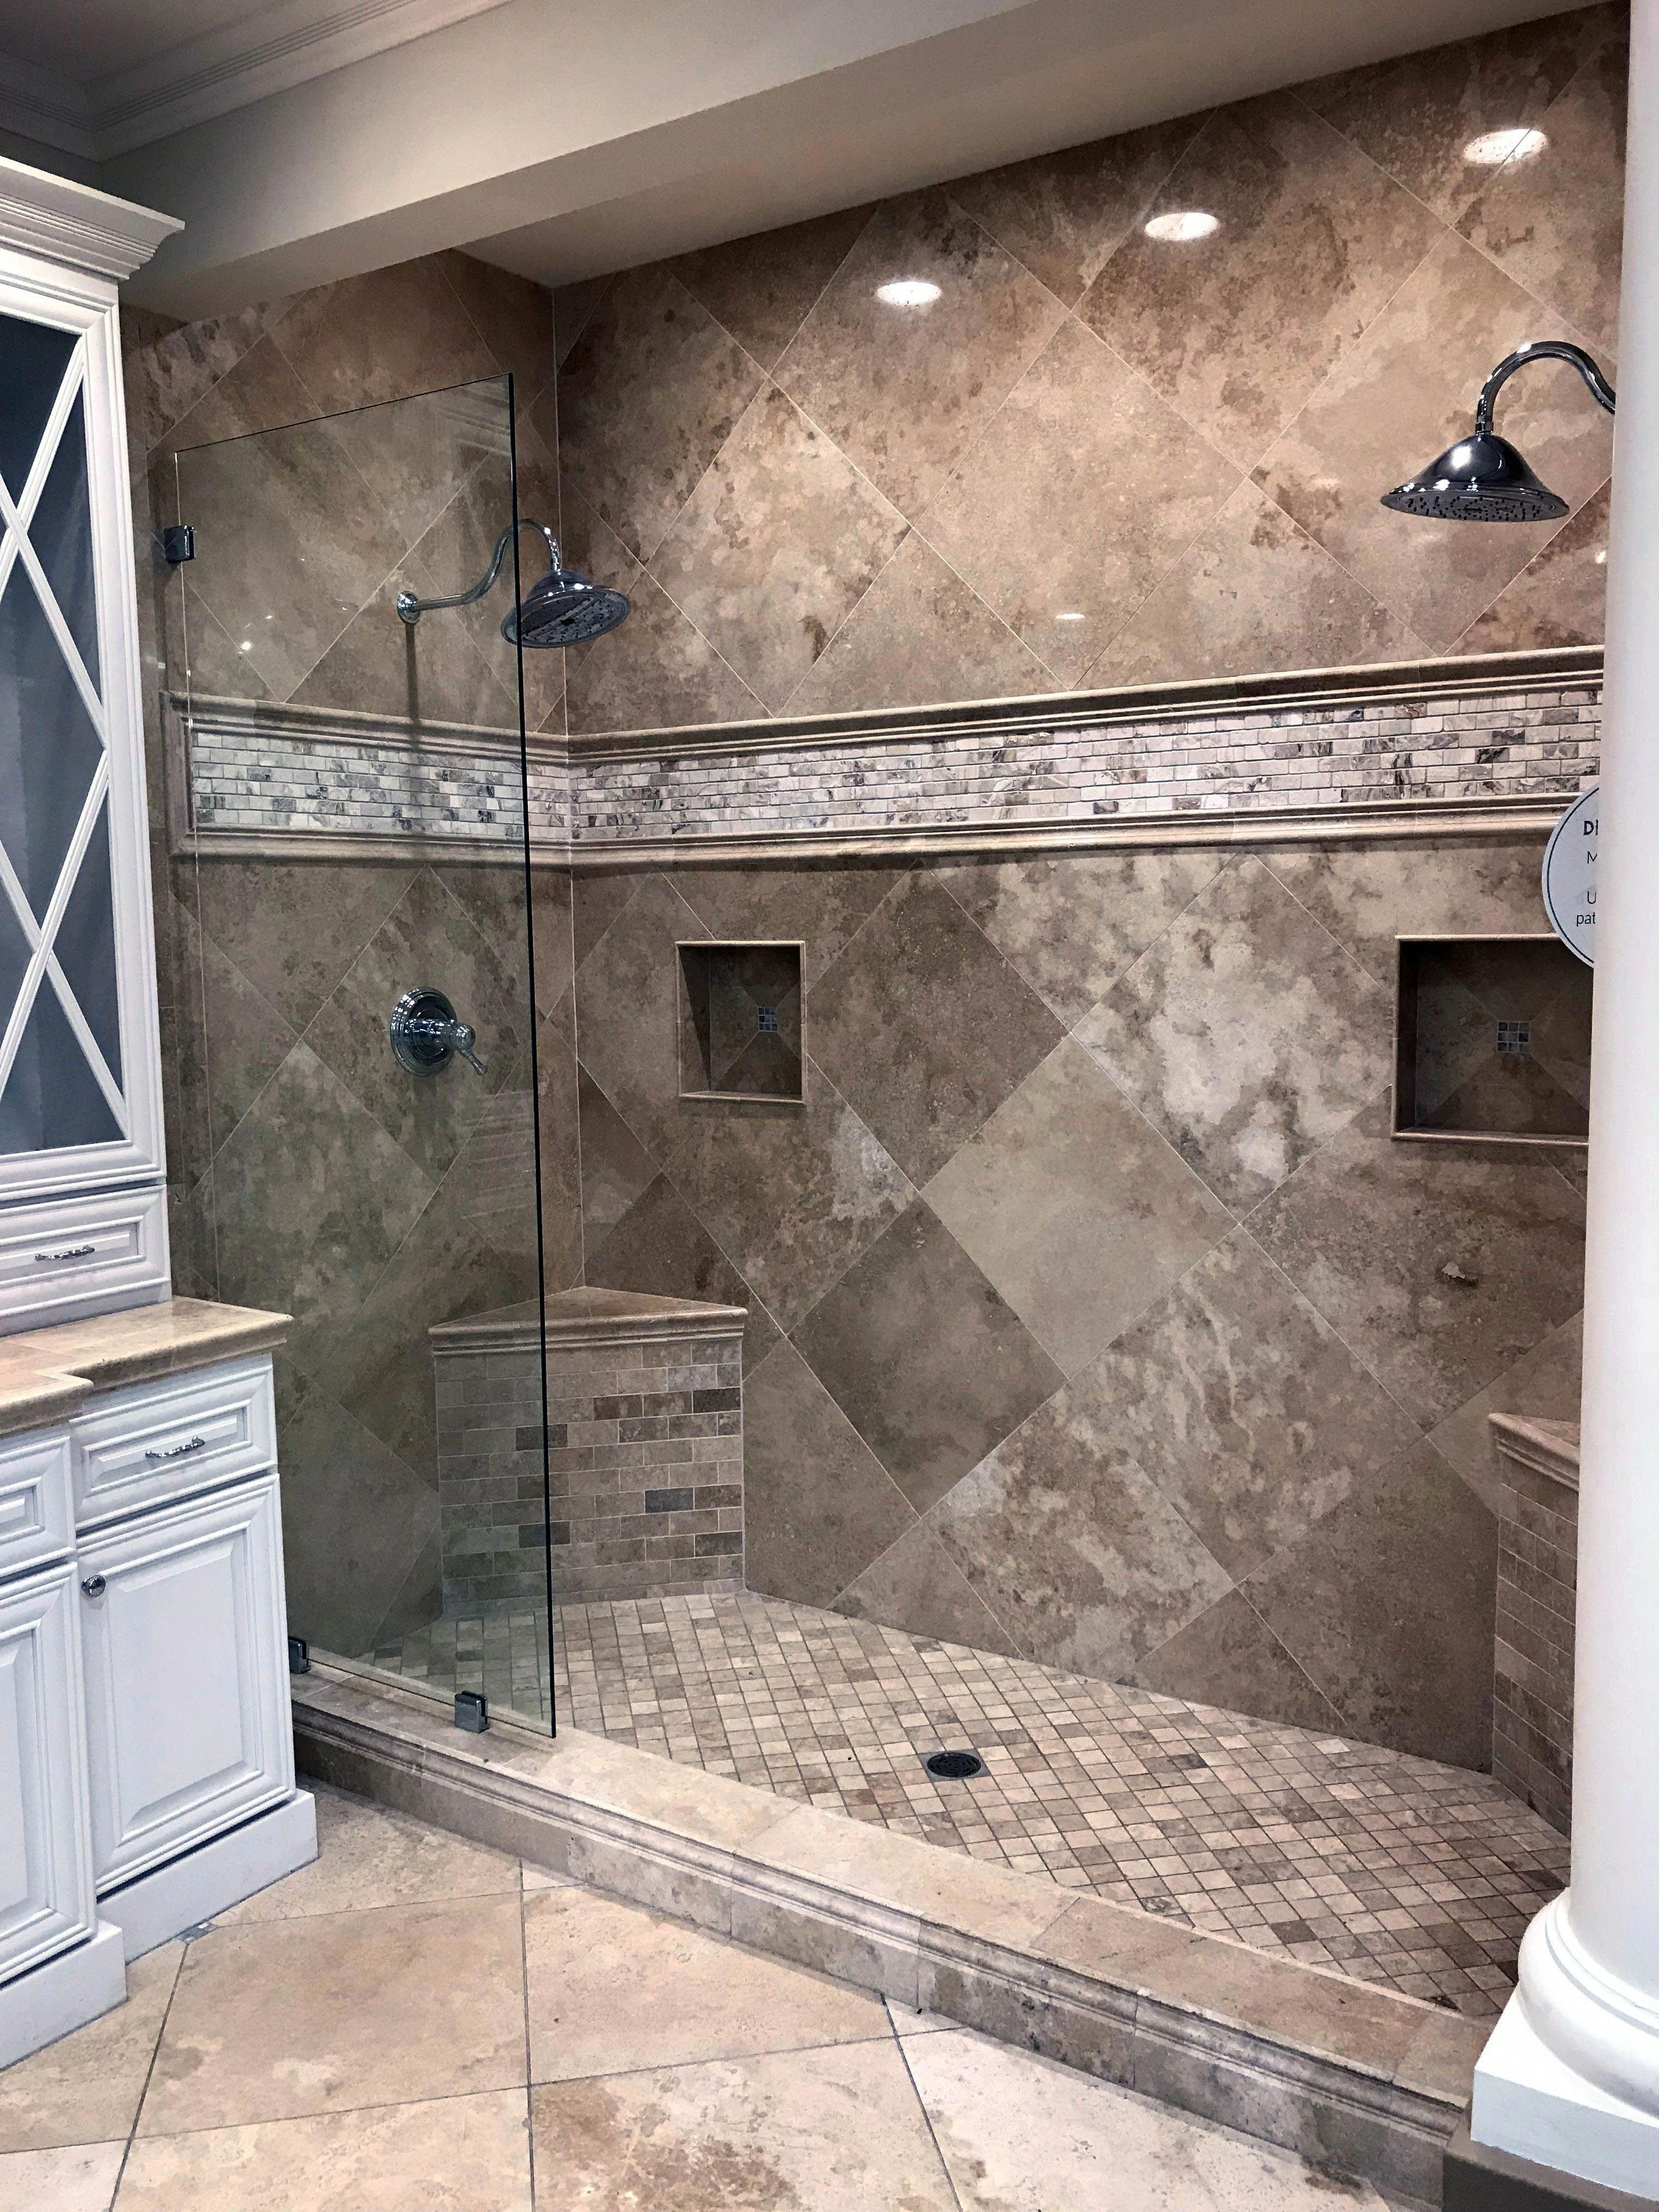 Posts Pics Bathroom Remodel Shower Shower Remodel Diy Bathroom Remodel